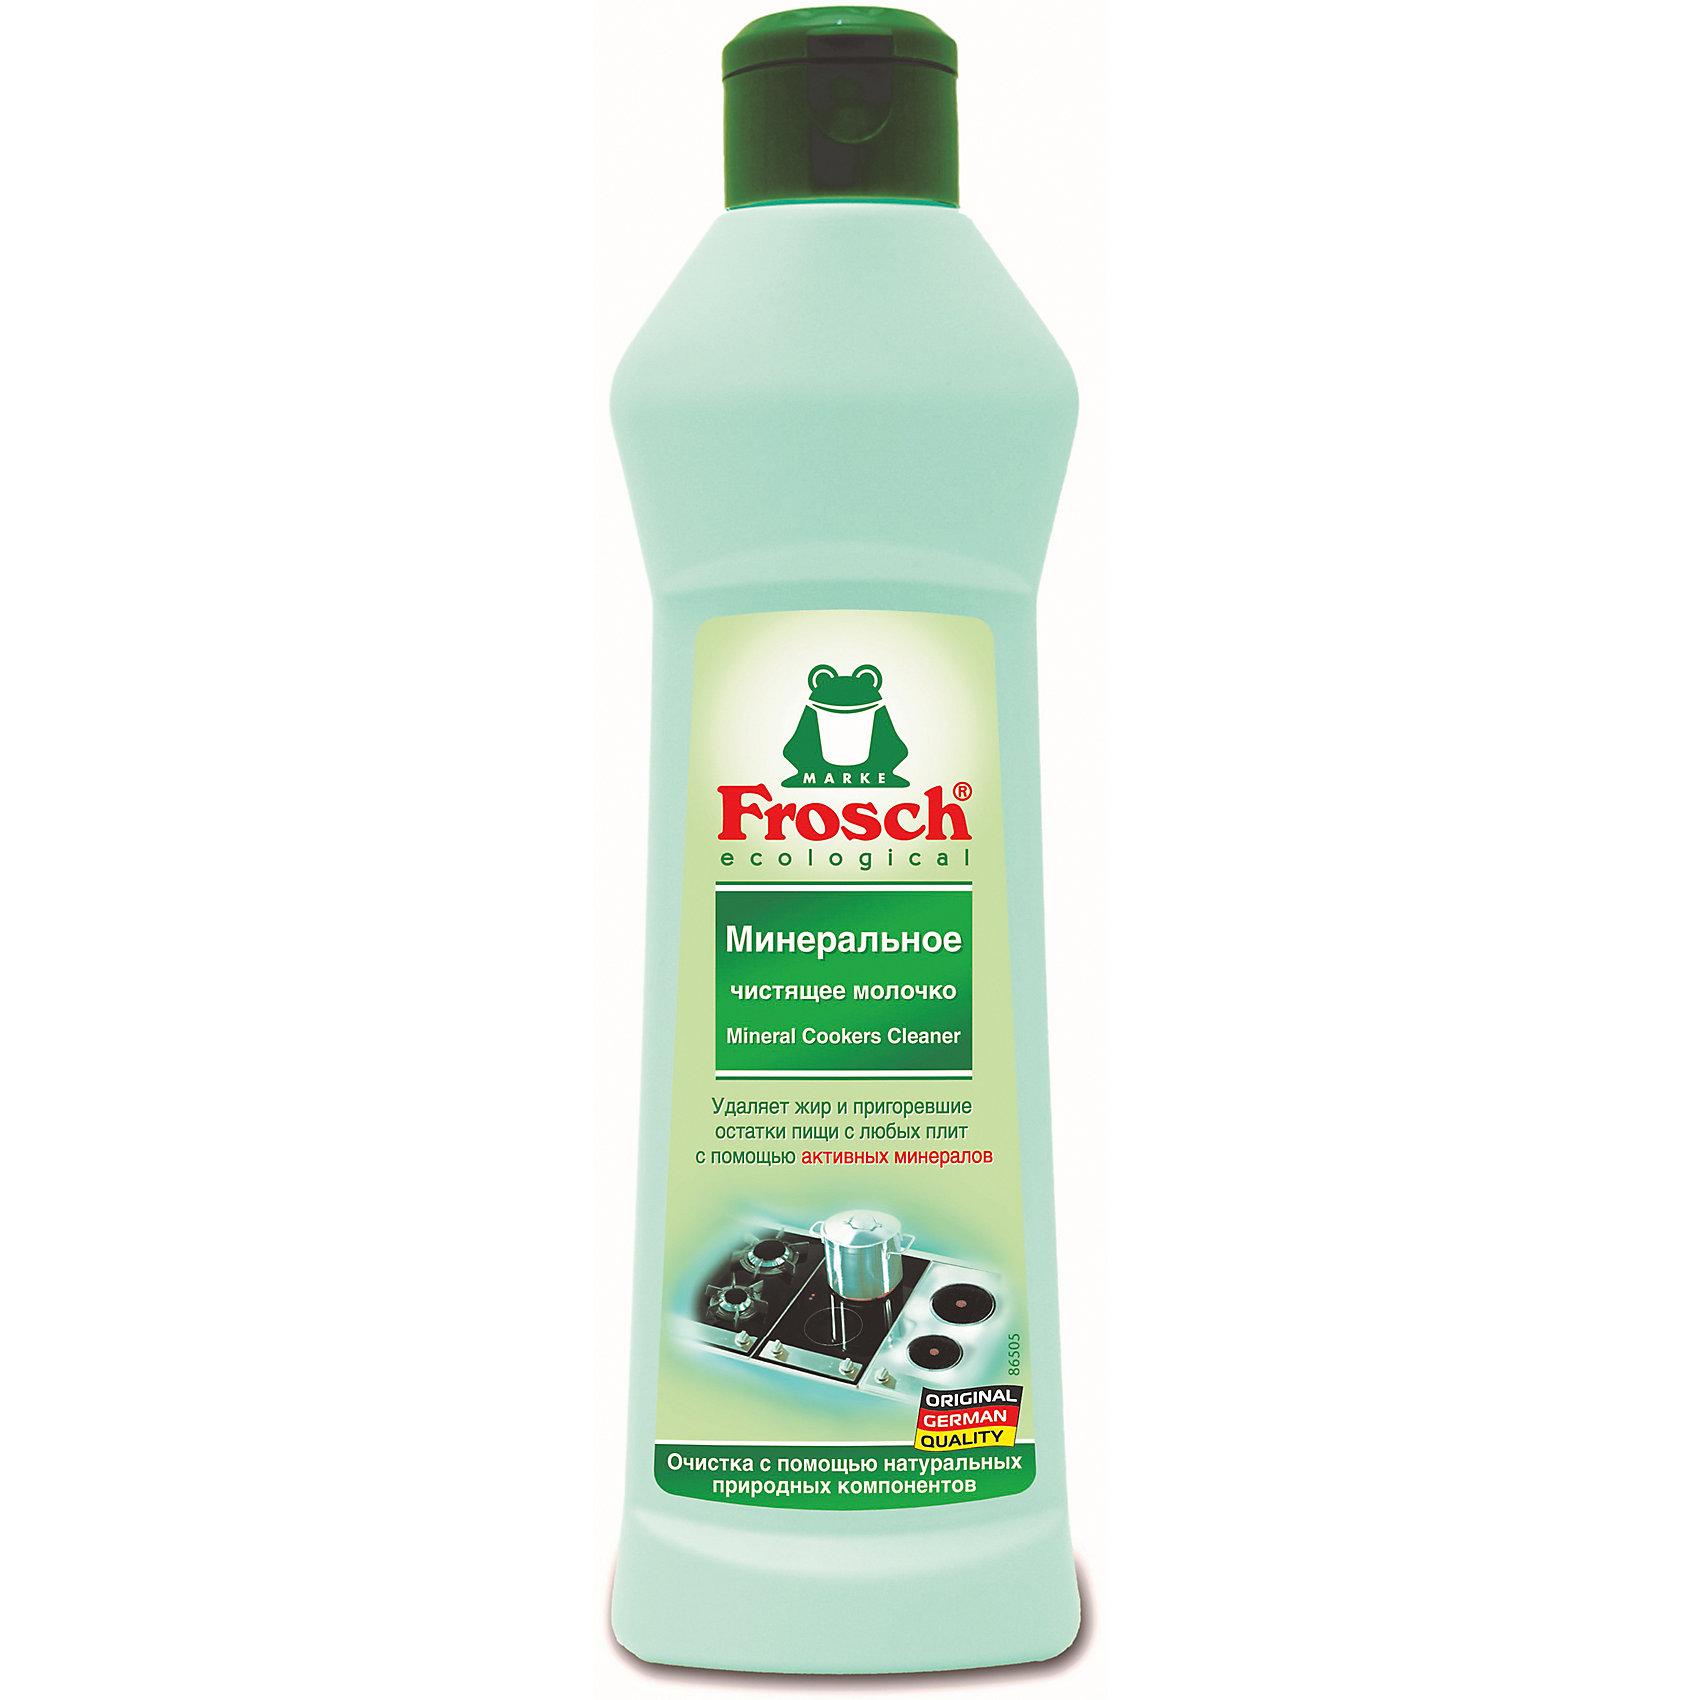 Минеральное чистящее молочко, 0,25 л, FroschБытовая химия<br>Характеристики товара:<br><br>• объем: 250 мл<br>• упаковка: пластик<br>• страна бренда: Германия<br>• страна изготовитель: Германия<br><br>Минеральное чистящее молочко – бережная формула сильного чистящего средства. Frosch - мировой лидер по производству чистящих средств, основанный в Германии. Отличительная особенность жидкостей – их безопасность и экологичность. <br><br>Универсальное средство помогает хозяйкам поддерживать чистоту в доме без особых усилий и затрат. Химическая формула растворяет самые сложные загрязнения. Материалы, использованные при изготовлении товара, сертифицированы и отвечают всем международным требованиям по качеству. <br><br>Минеральное чистящее молочко, 0,25 л, от немецкого производителя Frosch (Фрош) можно приобрести в нашем интернет-магазине.<br><br>Ширина мм: 58<br>Глубина мм: 43<br>Высота мм: 206<br>Вес г: 386<br>Возраст от месяцев: 216<br>Возраст до месяцев: 1188<br>Пол: Унисекс<br>Возраст: Детский<br>SKU: 5185729